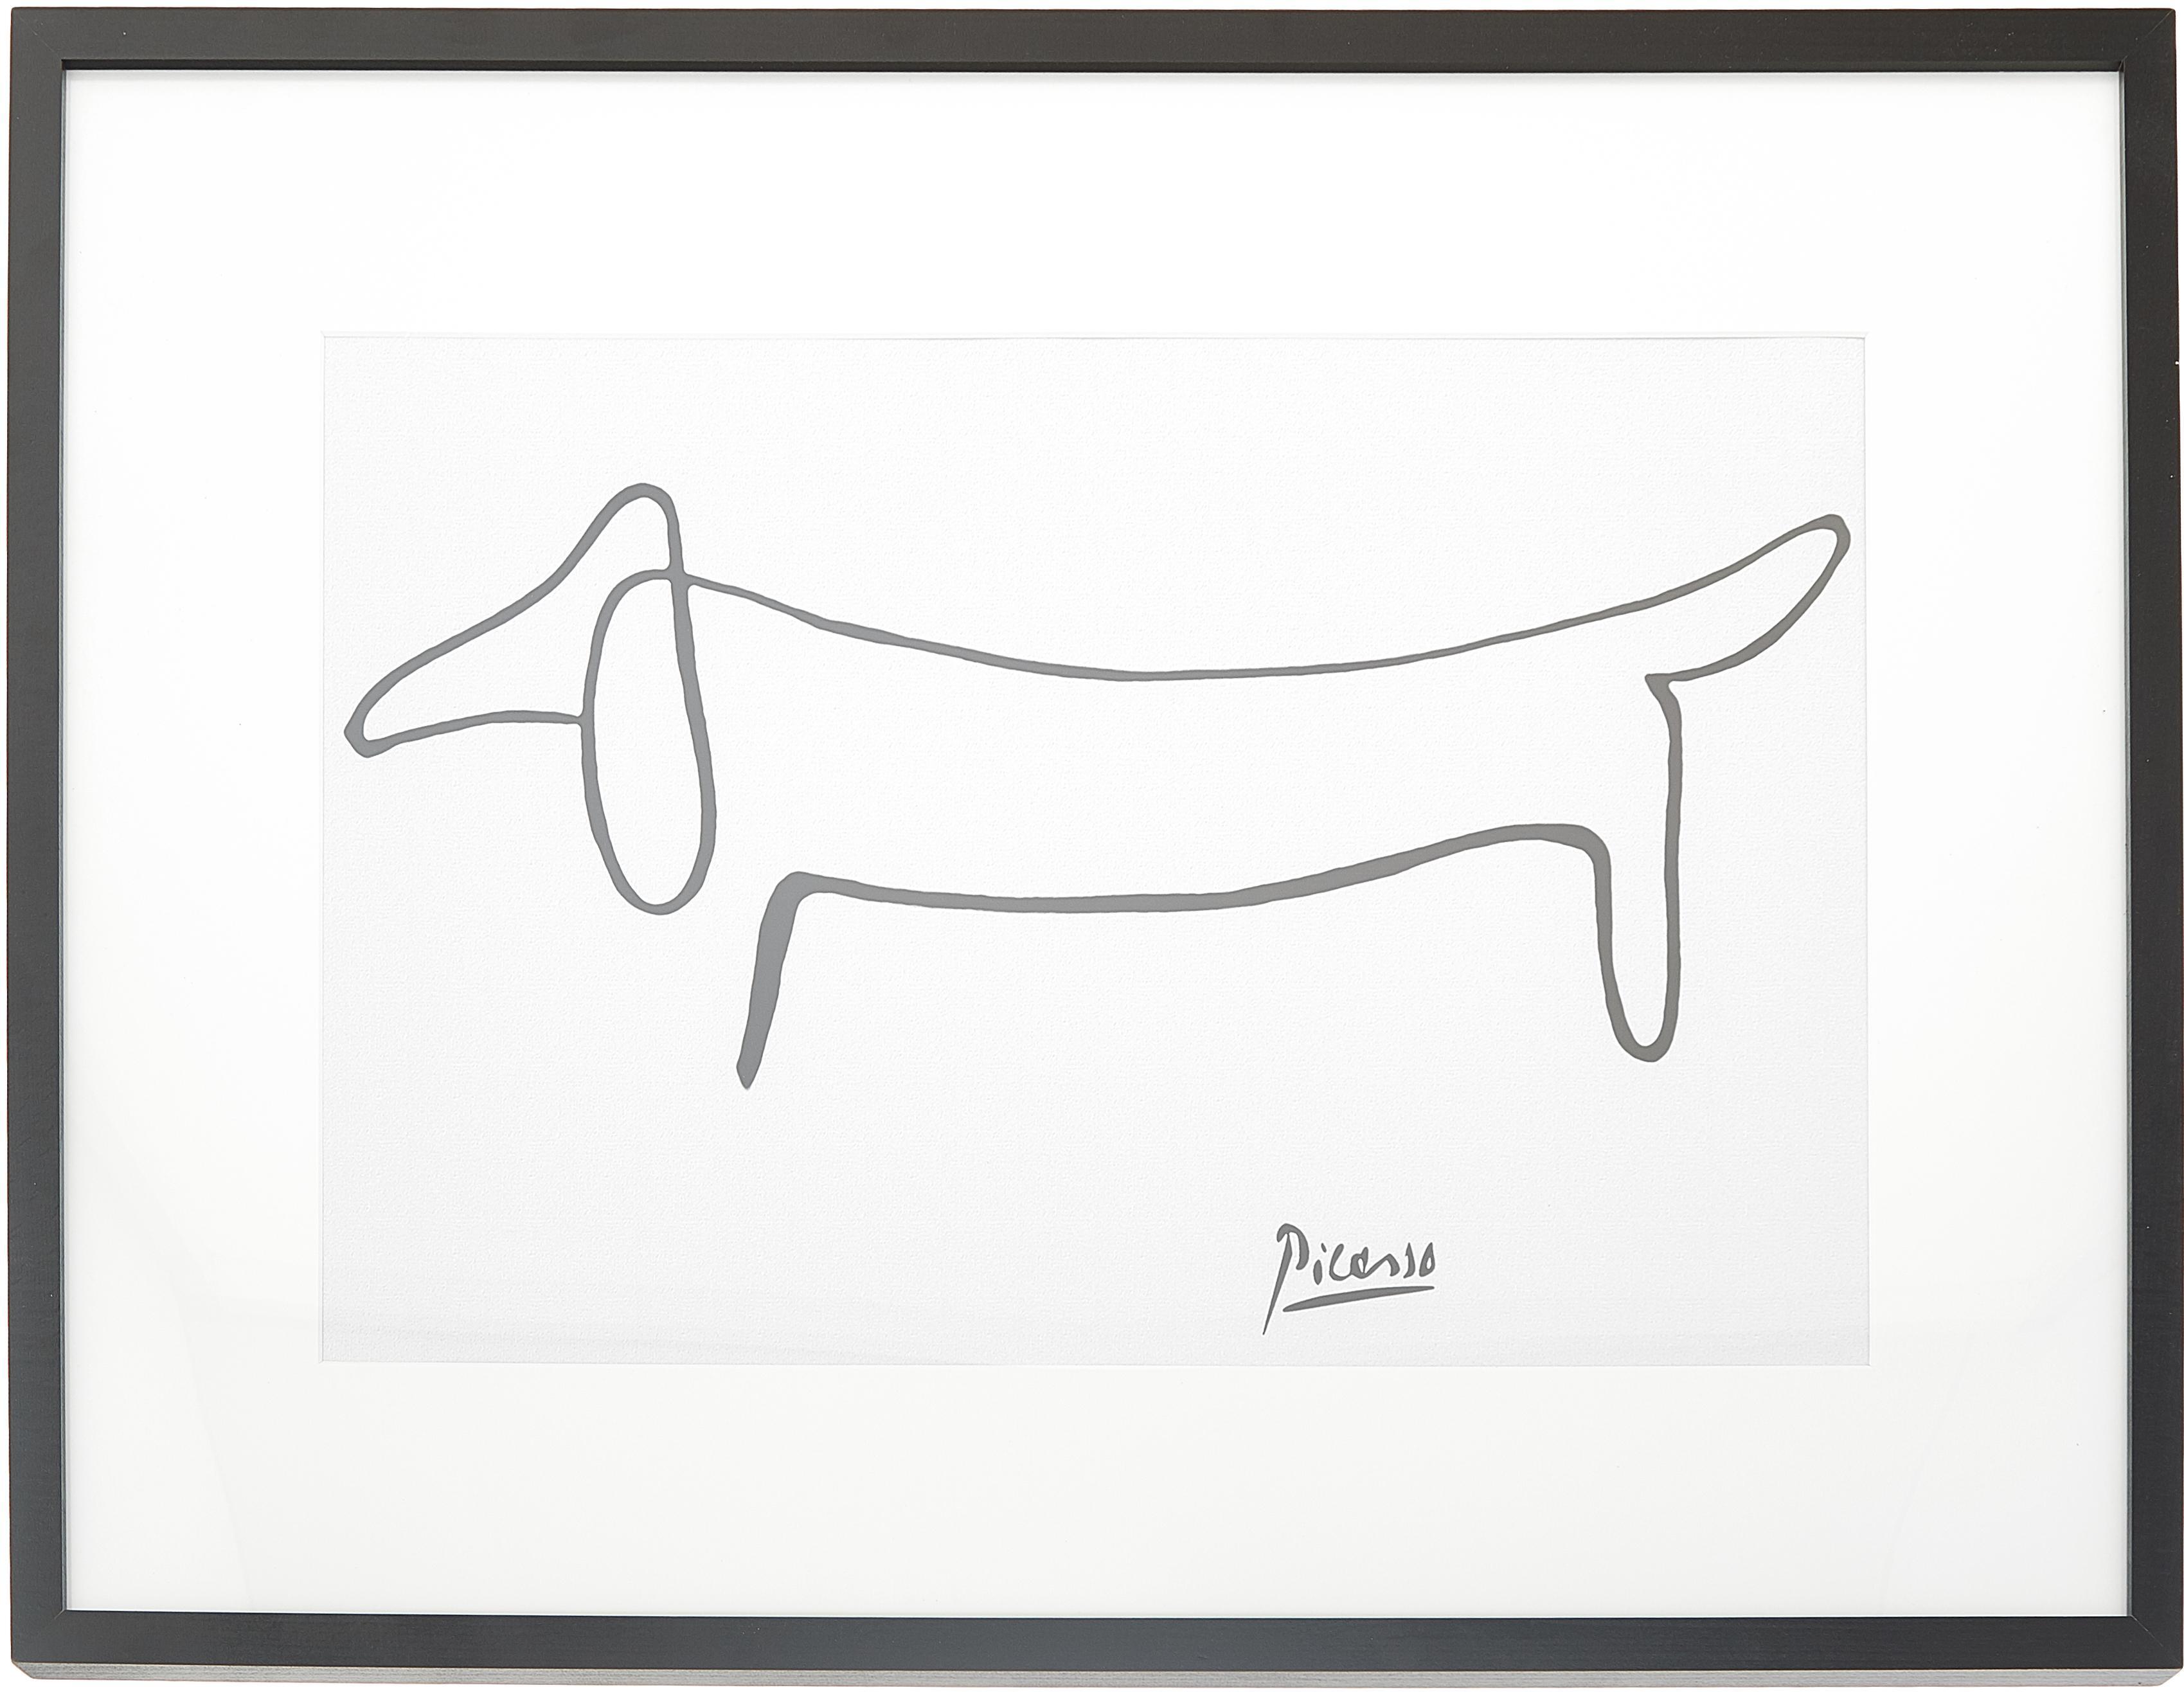 Gerahmter Digitaldruck Picasso's Dackel, Bild: Digitaldruck auf Papier, , Rahmen: Holz, lackiert, Front: Plexiglas, Weiß,Schwarz, 83 x 63 cm